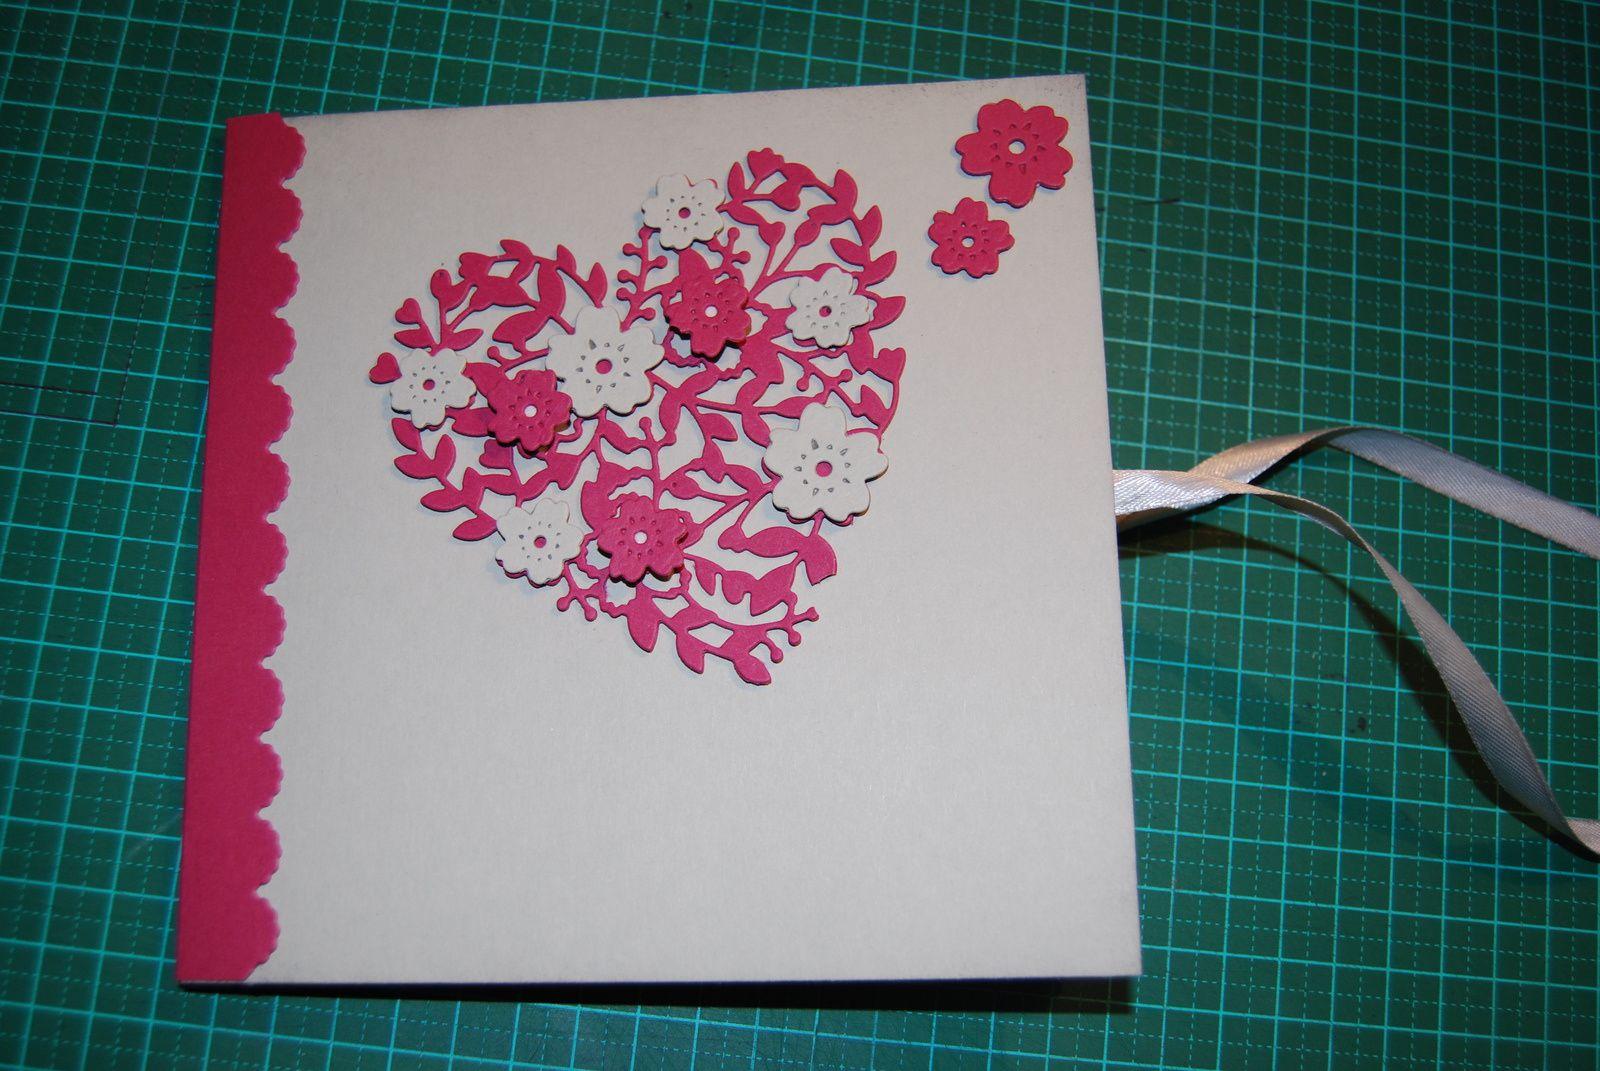 Un album avec des rayures, du rose et du gris ...